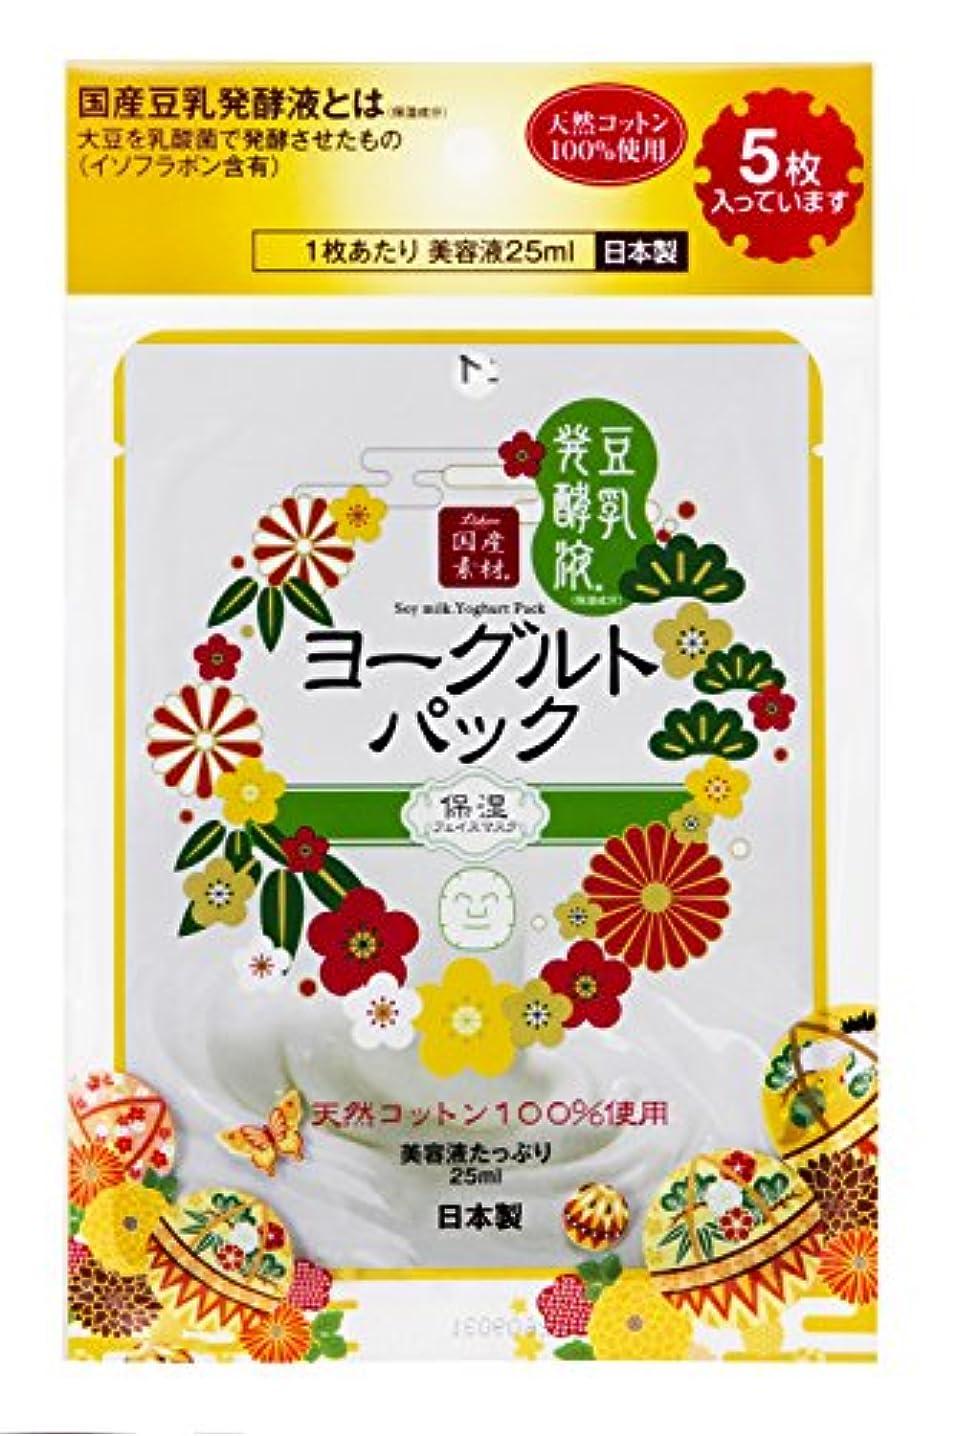 社説ガイド影響するリシャン 豆乳ヨーグルトパック (5枚入)